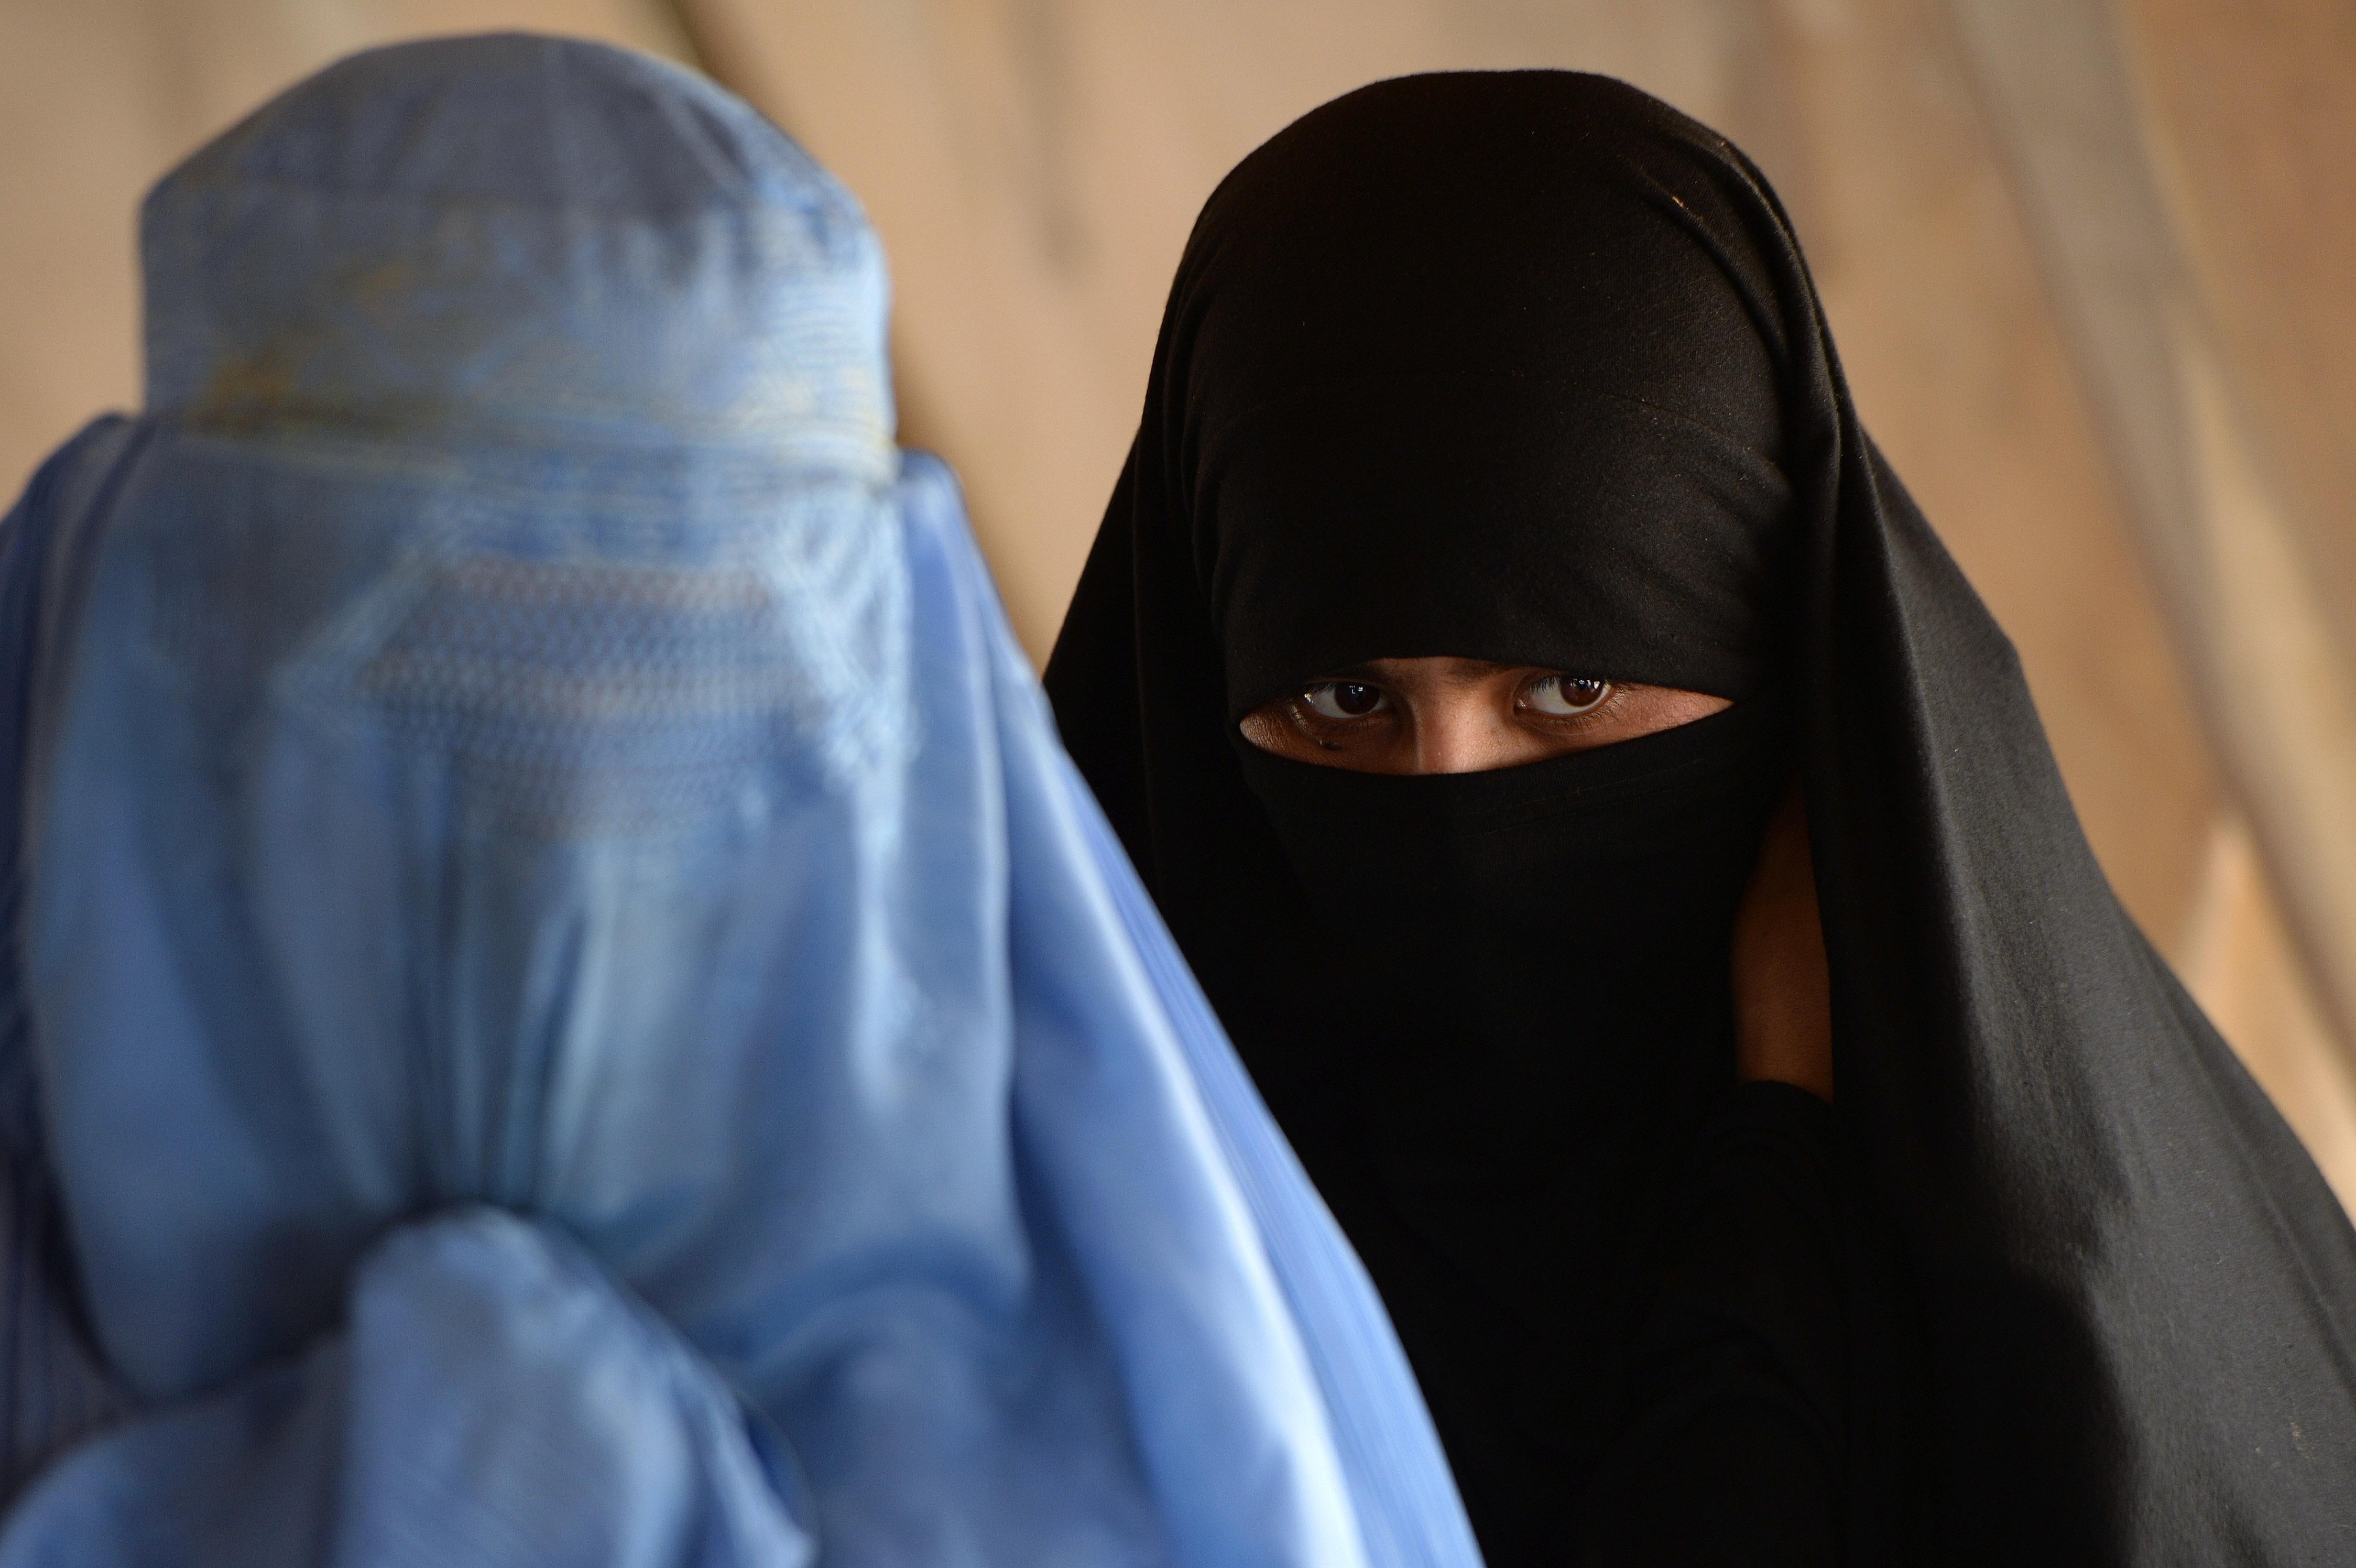 Zu Deutschland gehört ein Islam, der die Grundrechte bejaht